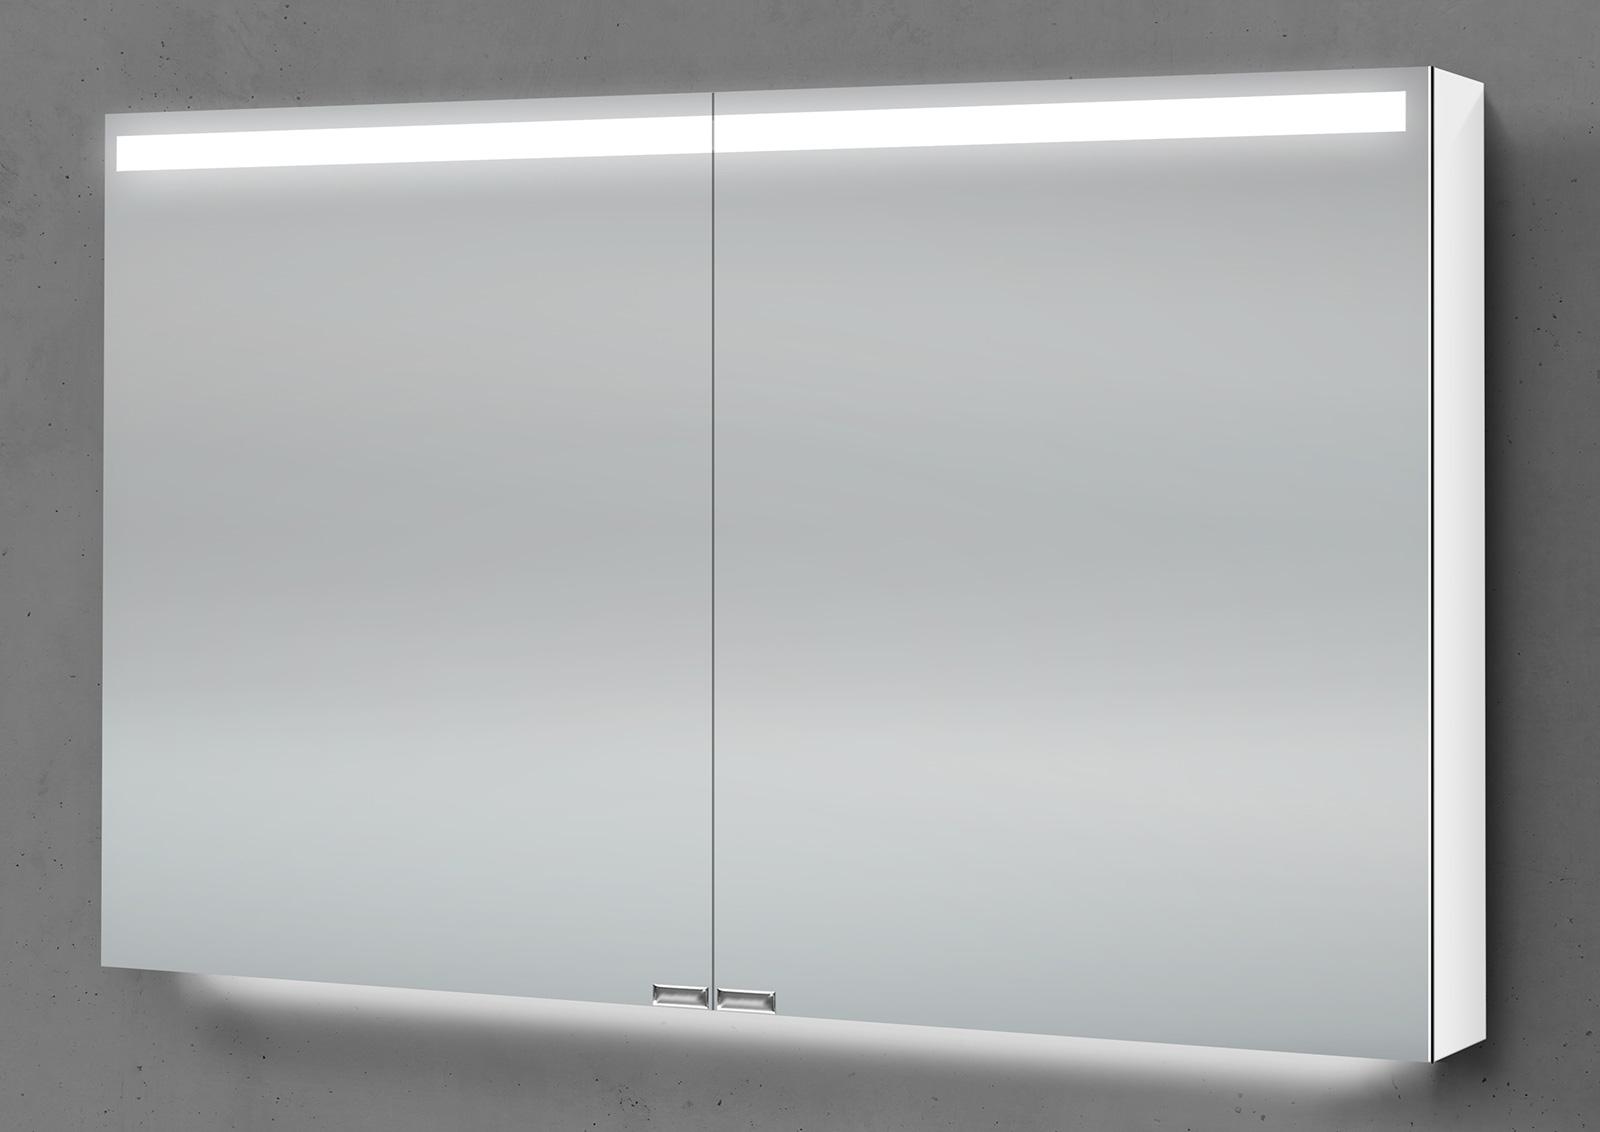 Spiegelschrank 90 cm integrierte led beleuchtung doppelseitig verspiegelt - Spiegelschrank 90 cm ...